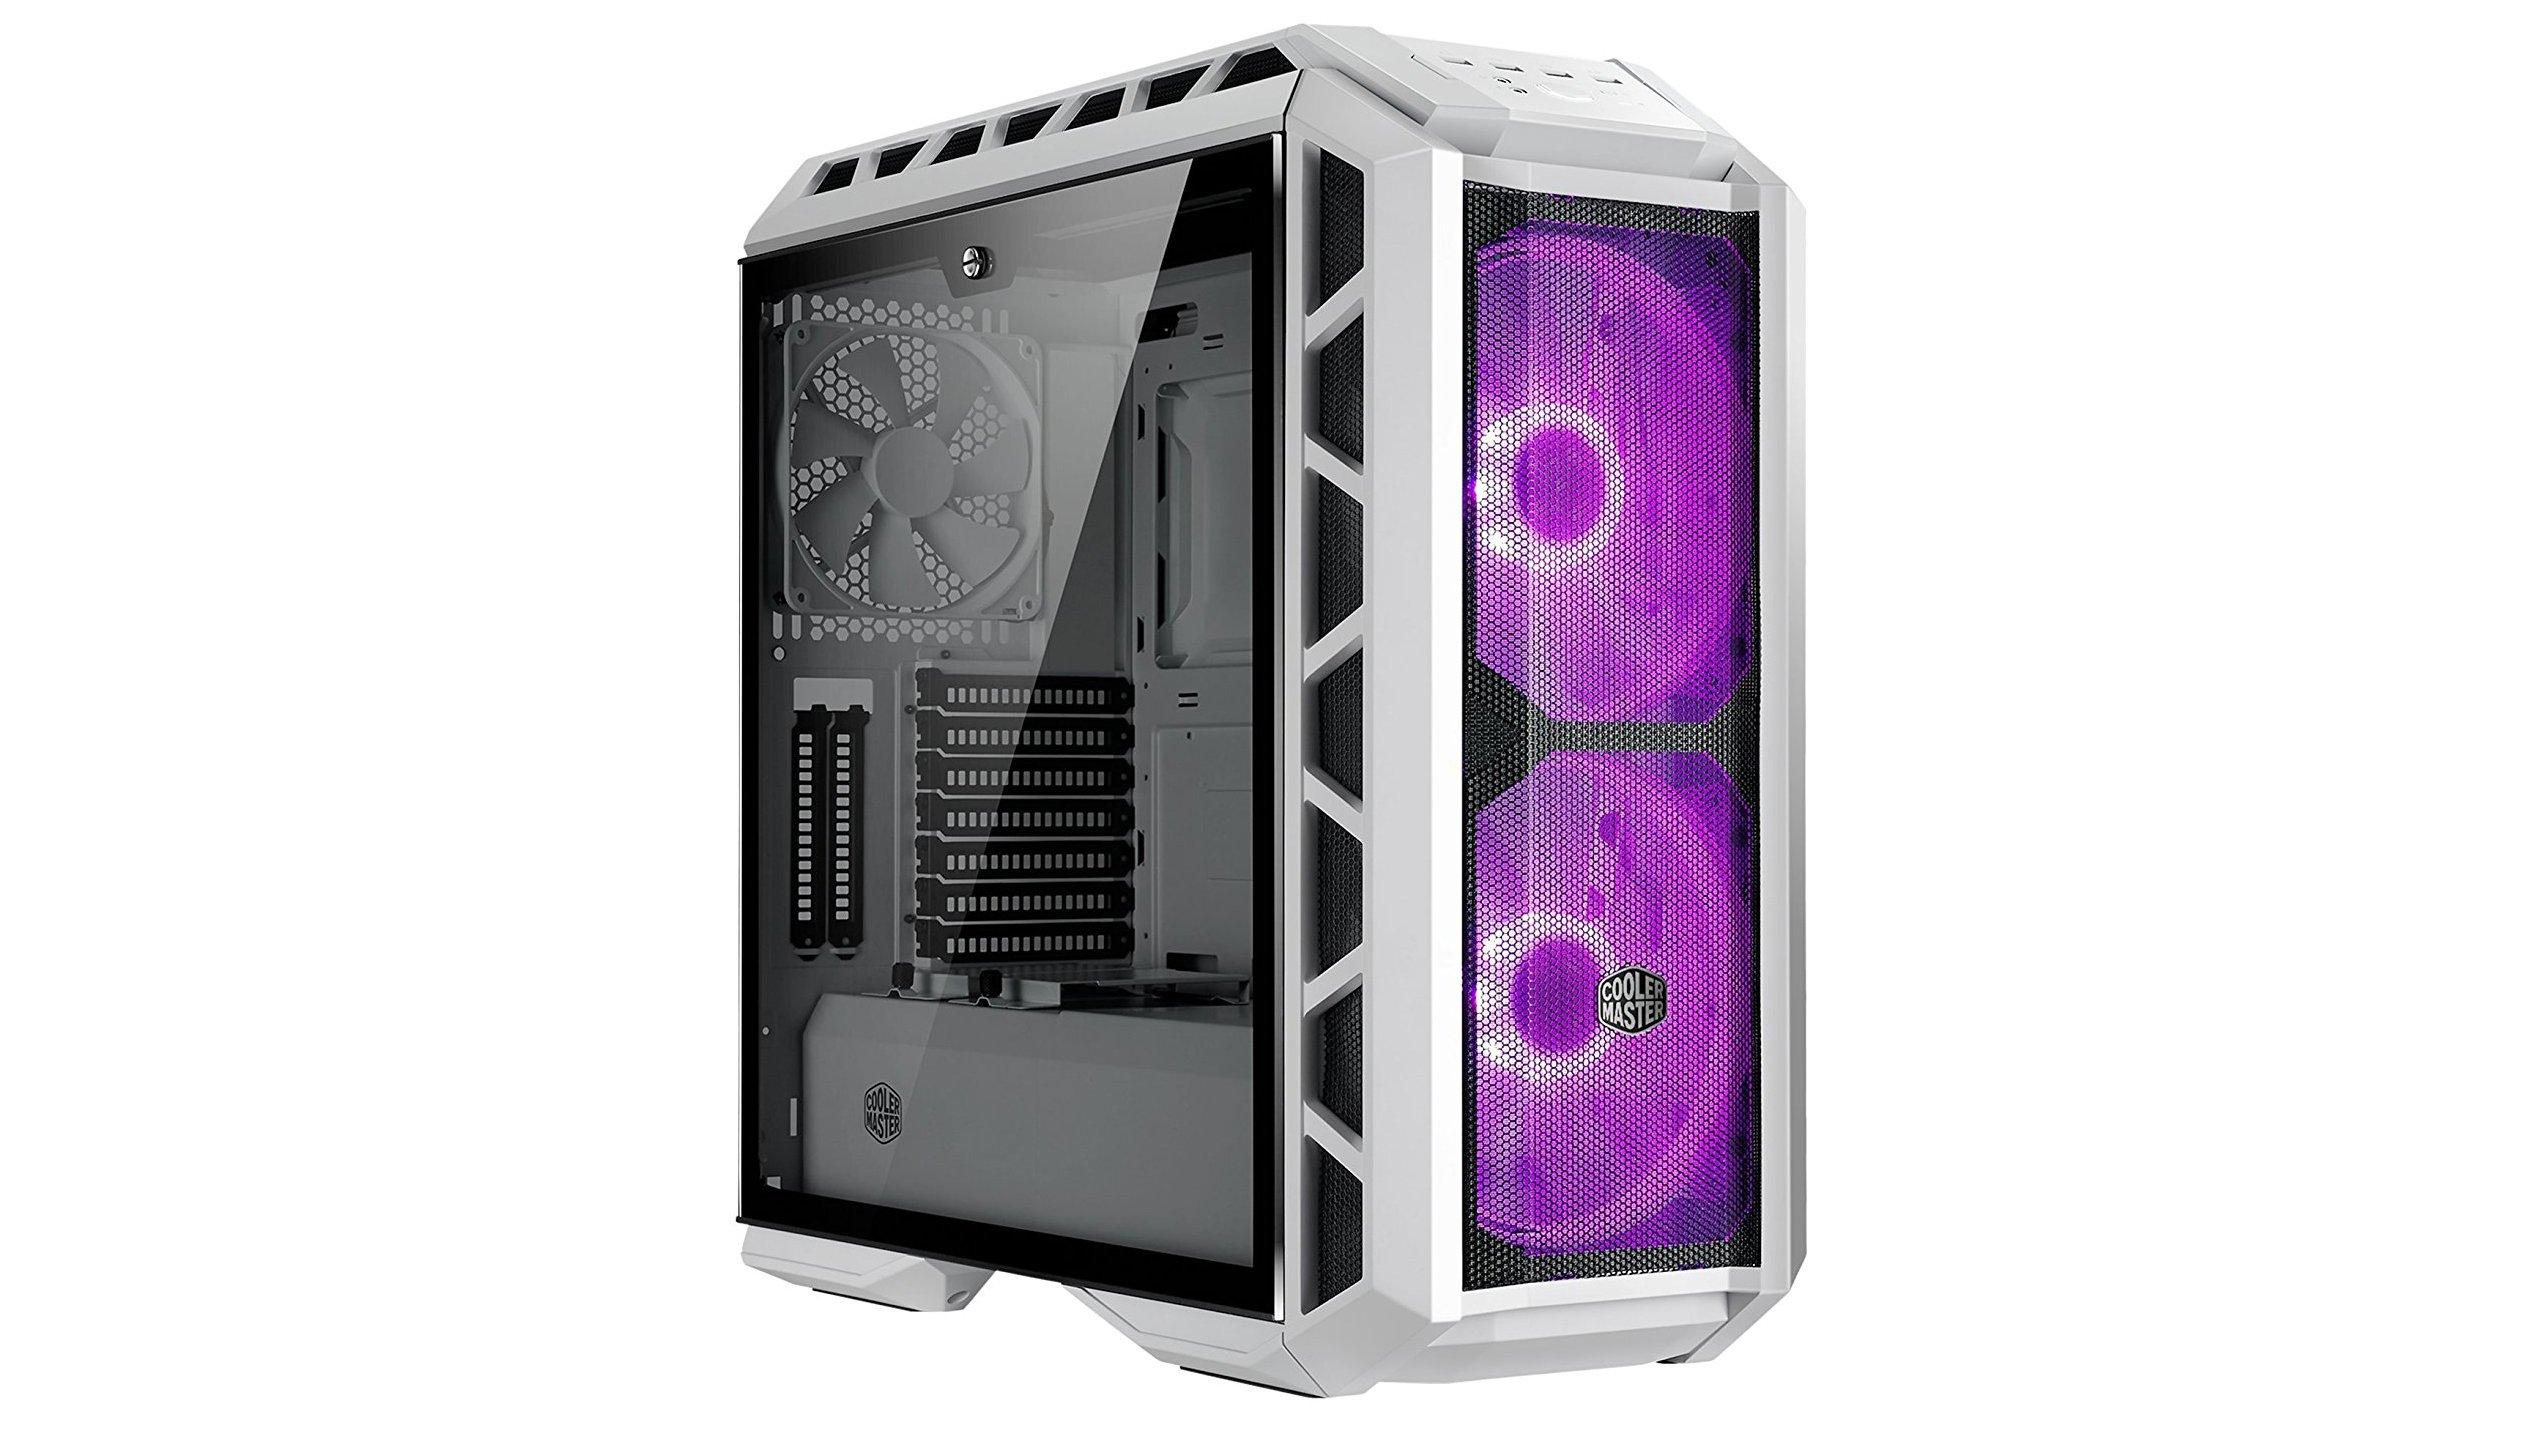 Best PC cases 2018: Build a quiet, stylish PC | Expert Reviews